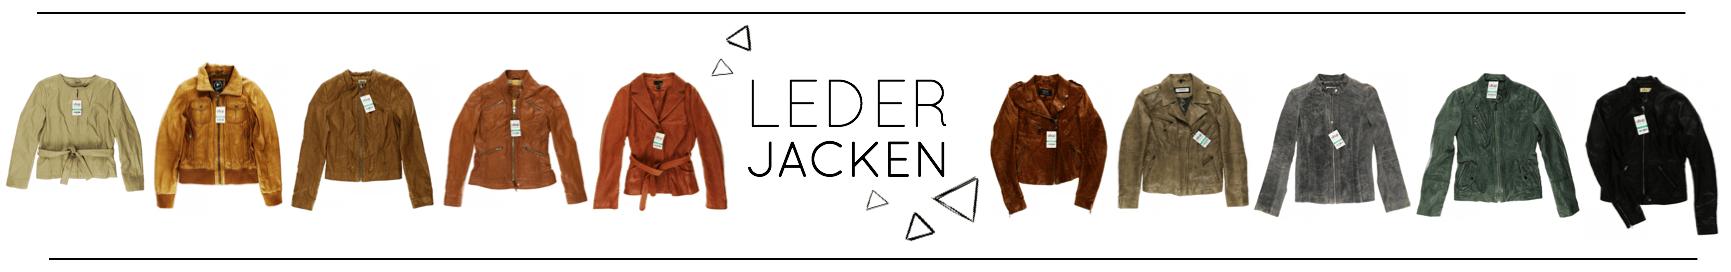 Leder - Jacken